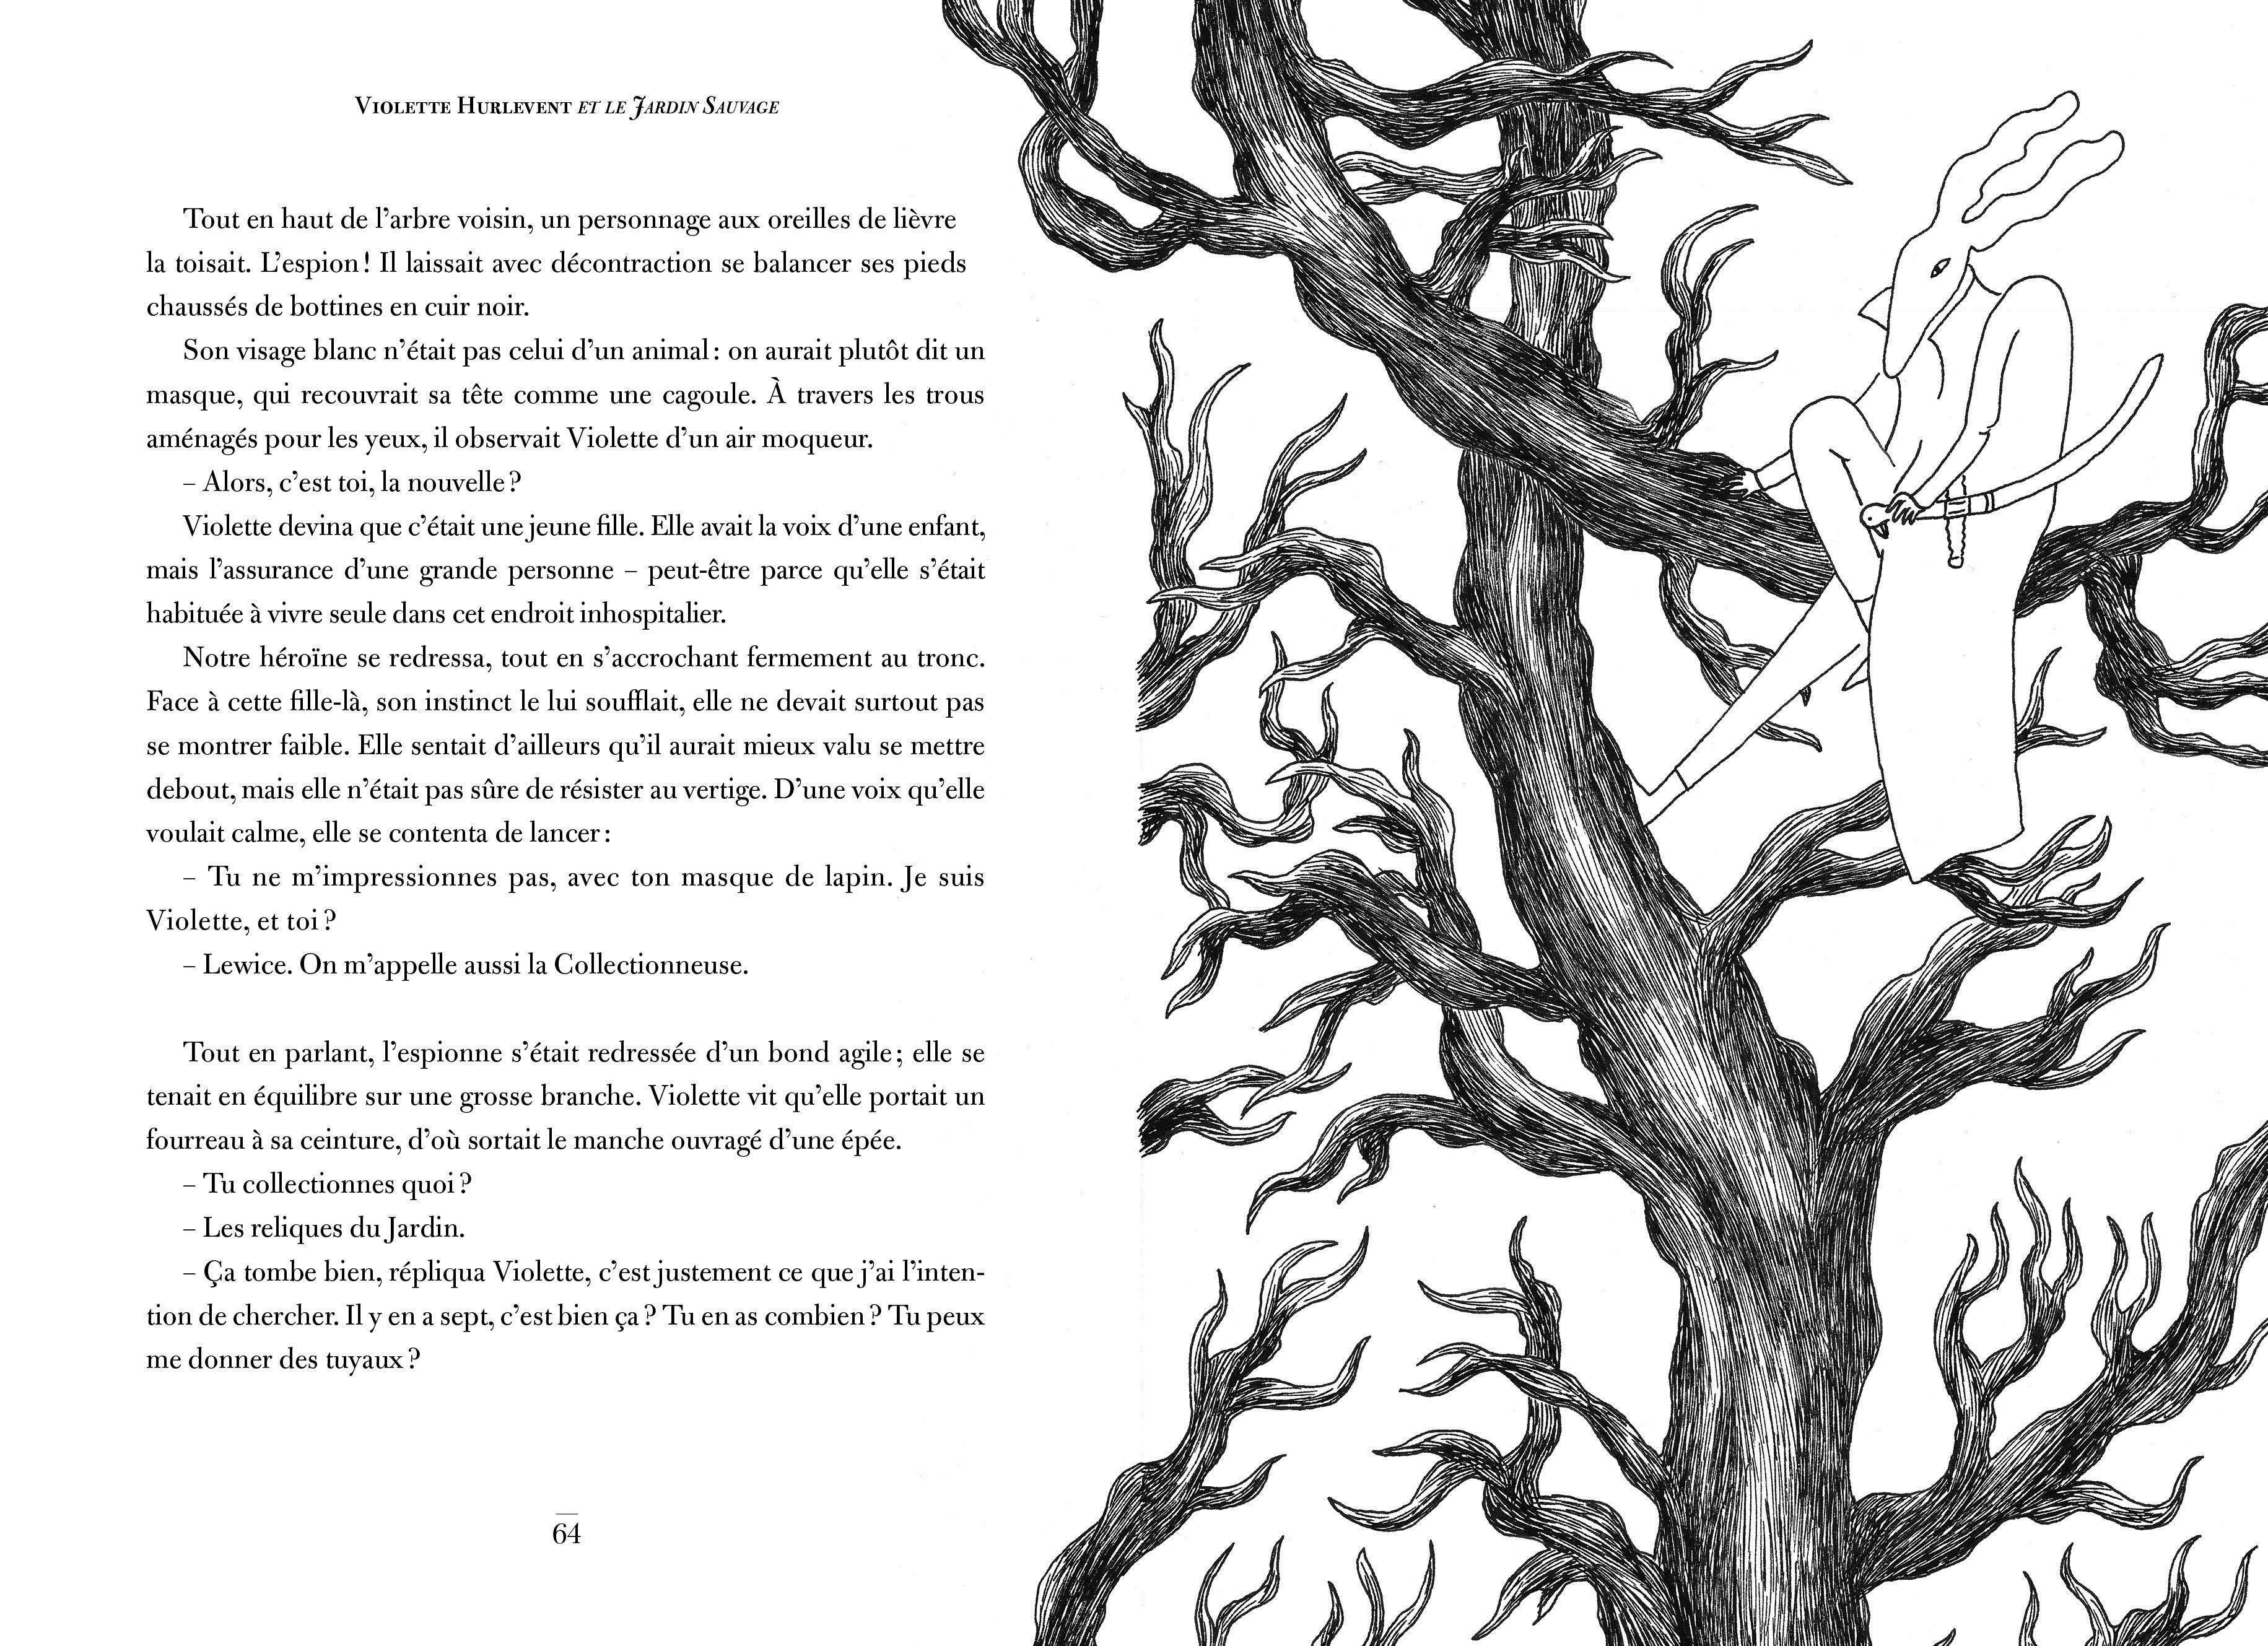 Violette Hurlevent et le Jardin sauvage_p64-65